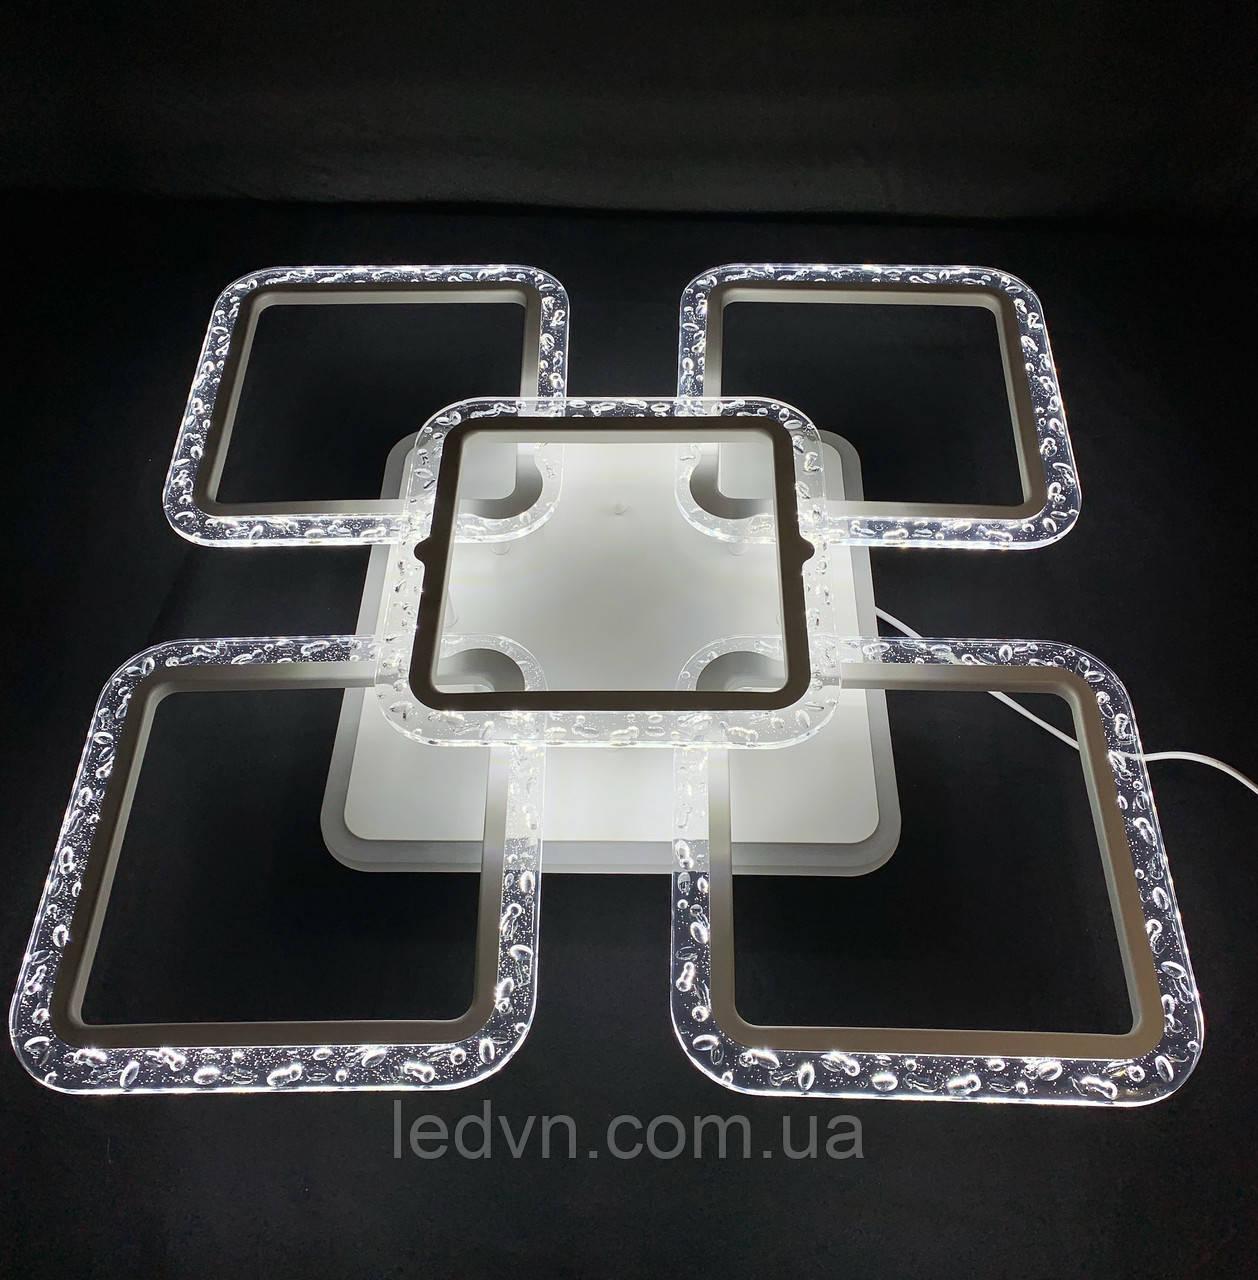 Люстра светодиодная квадраты 4+1 белая 105 Ватт